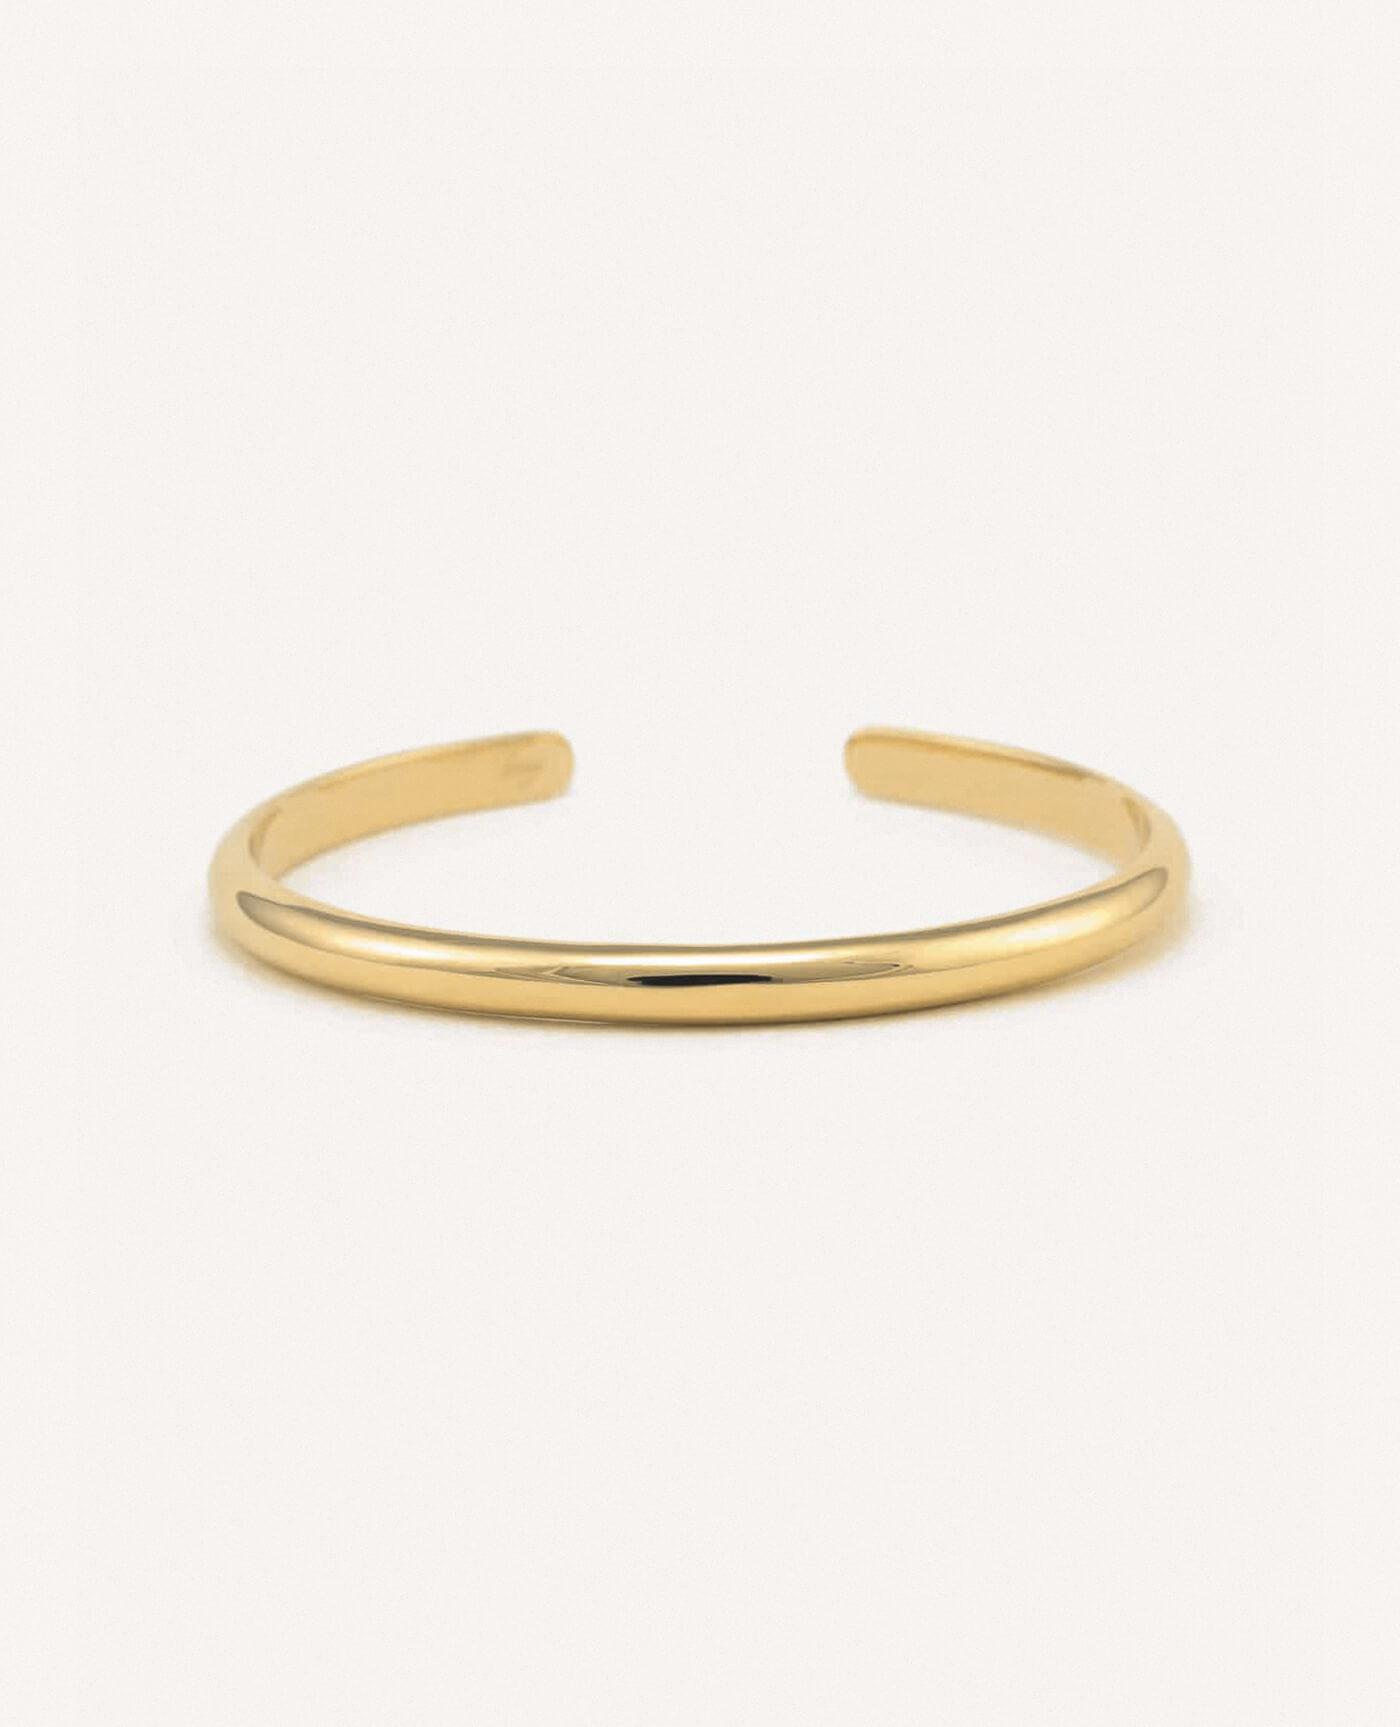 bracelet jonc or marie de la marque Luj Paris